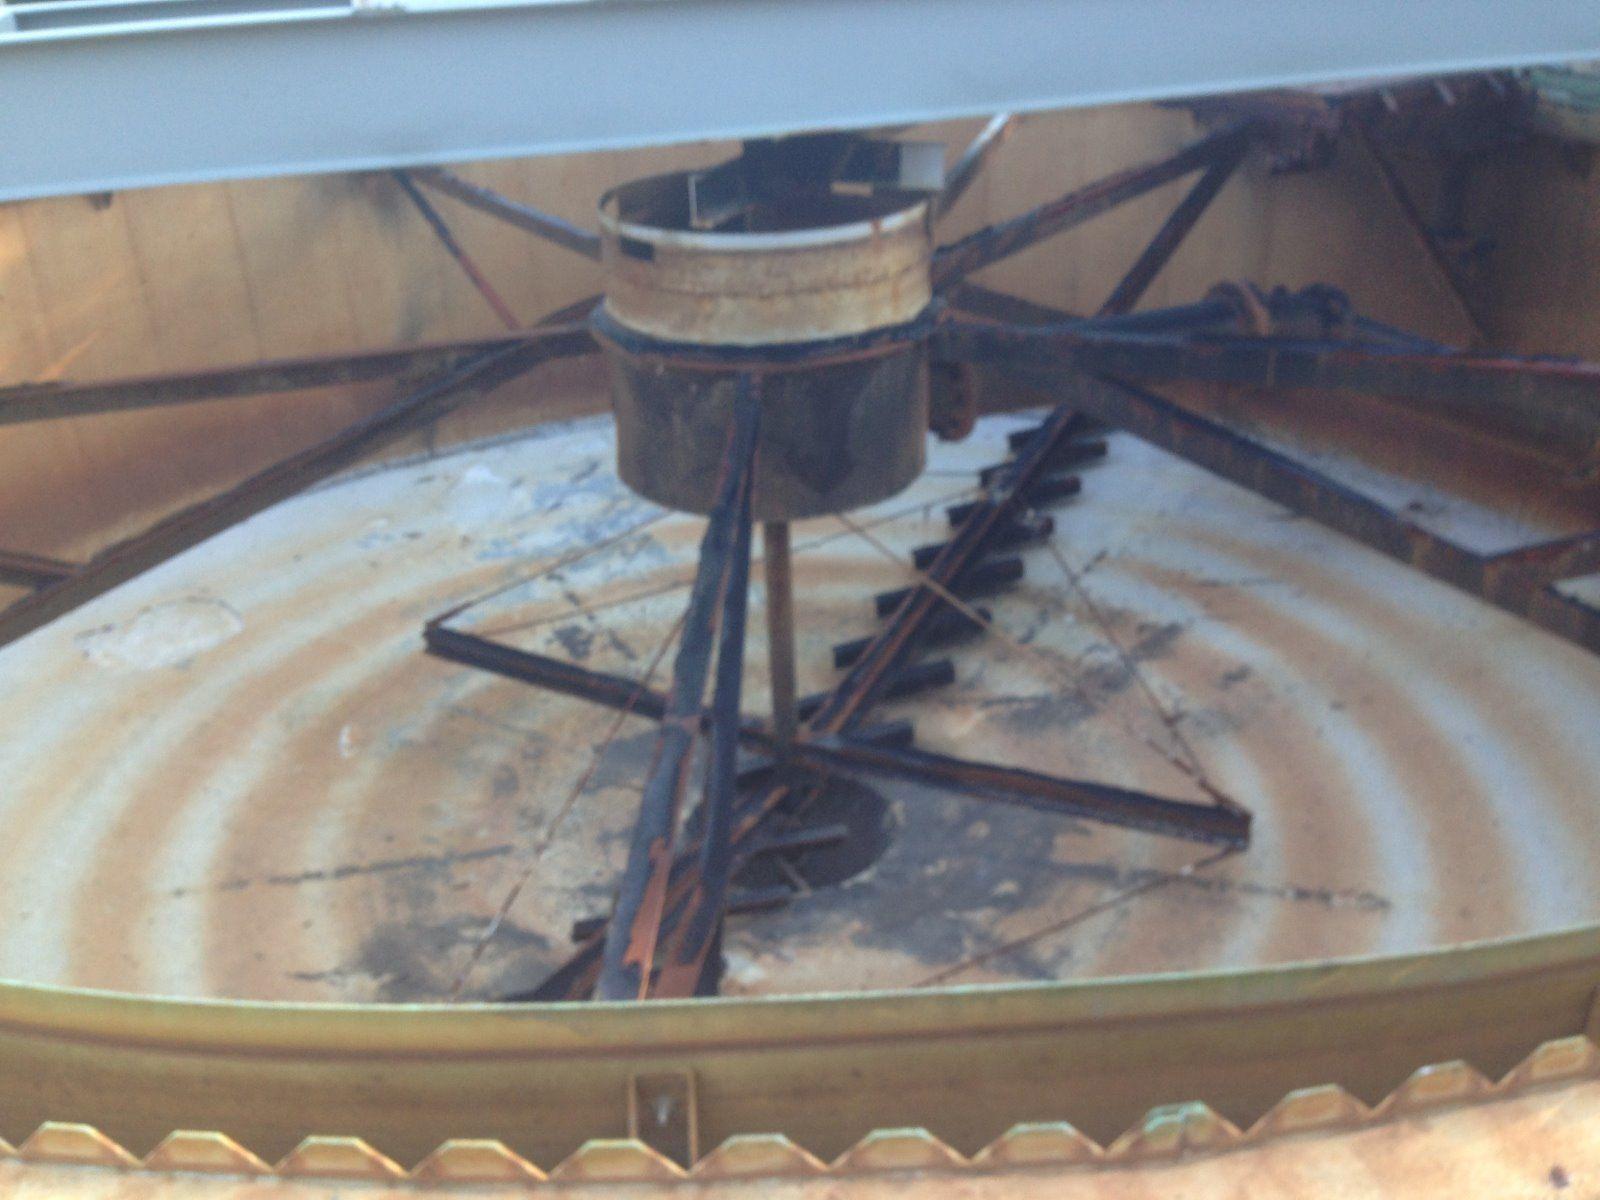 Waste Water Treatkment Tank -WWTP - Before